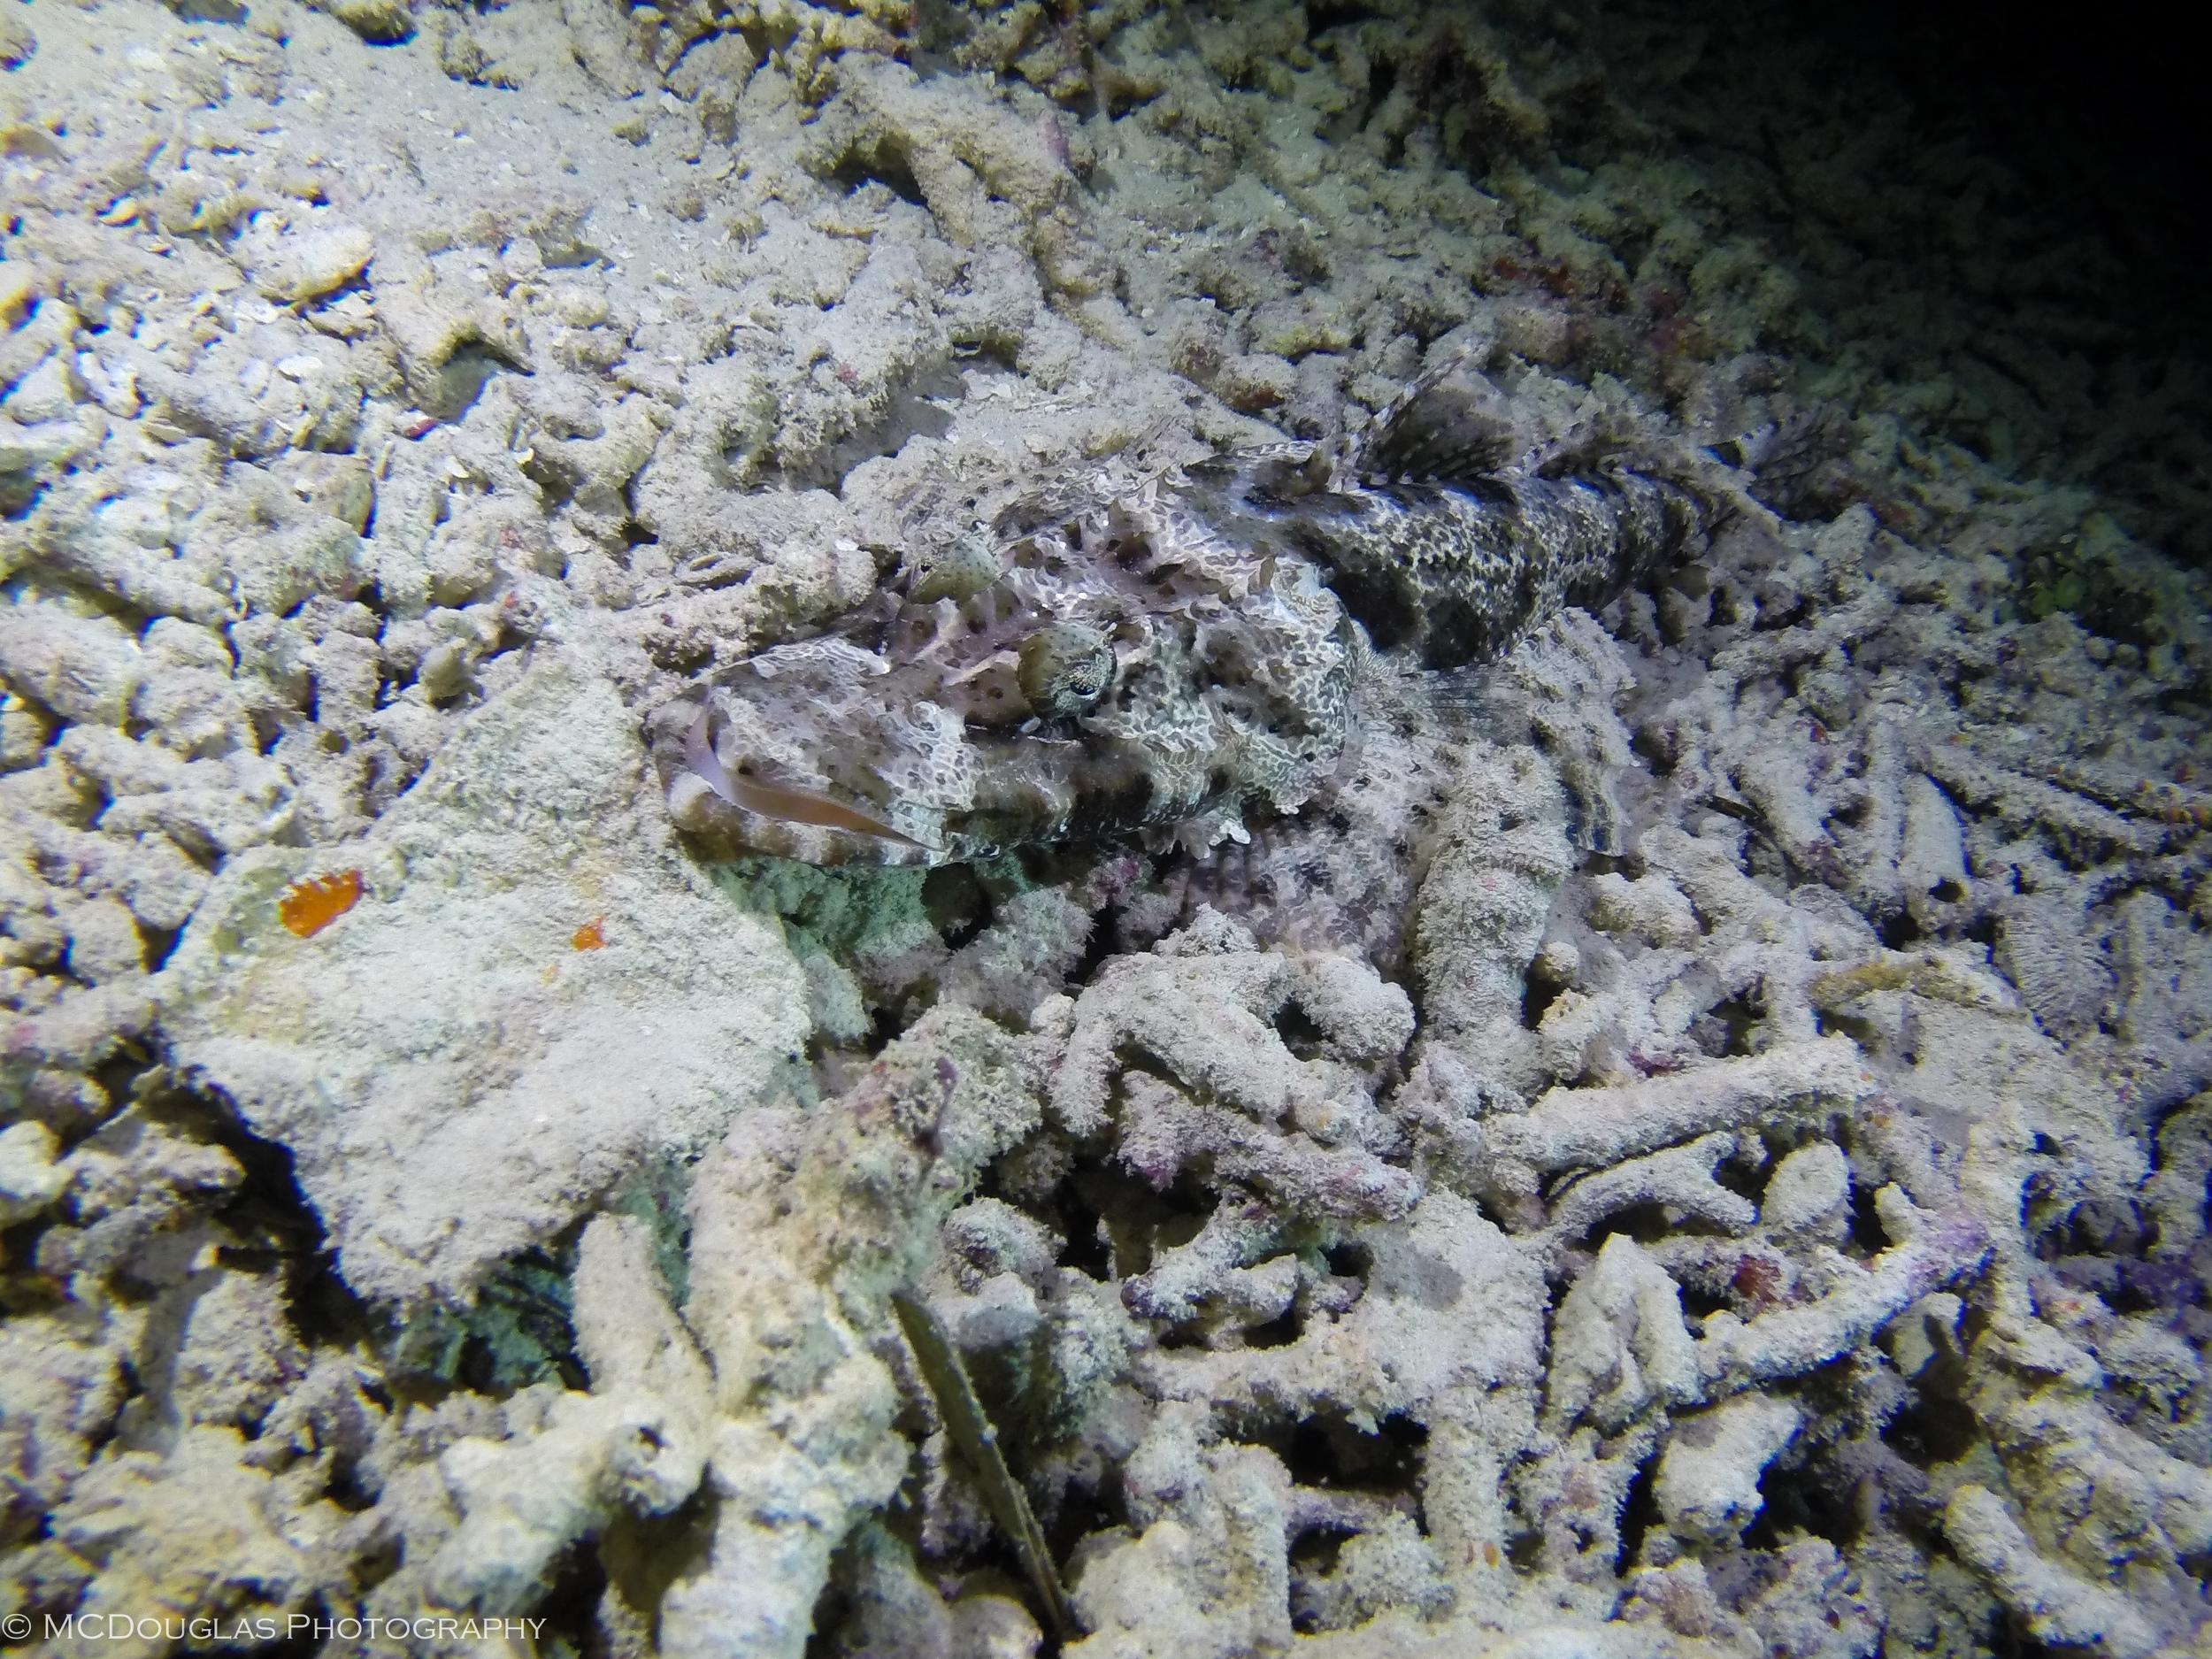 Underwater-0551.jpg